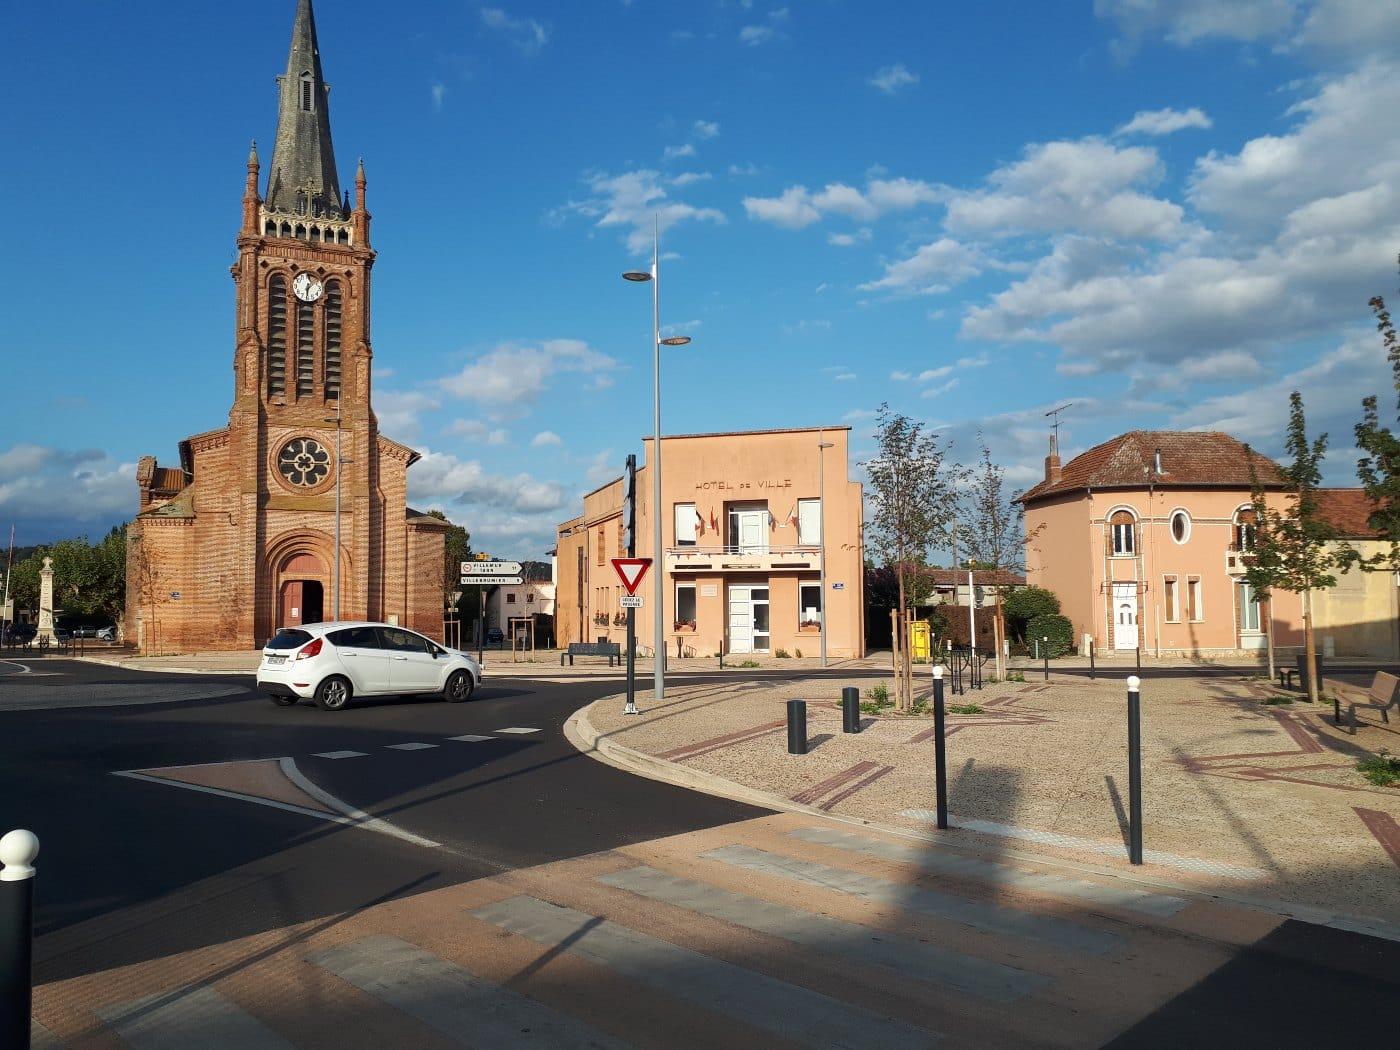 Vue d'ensemble de la place face à l'église